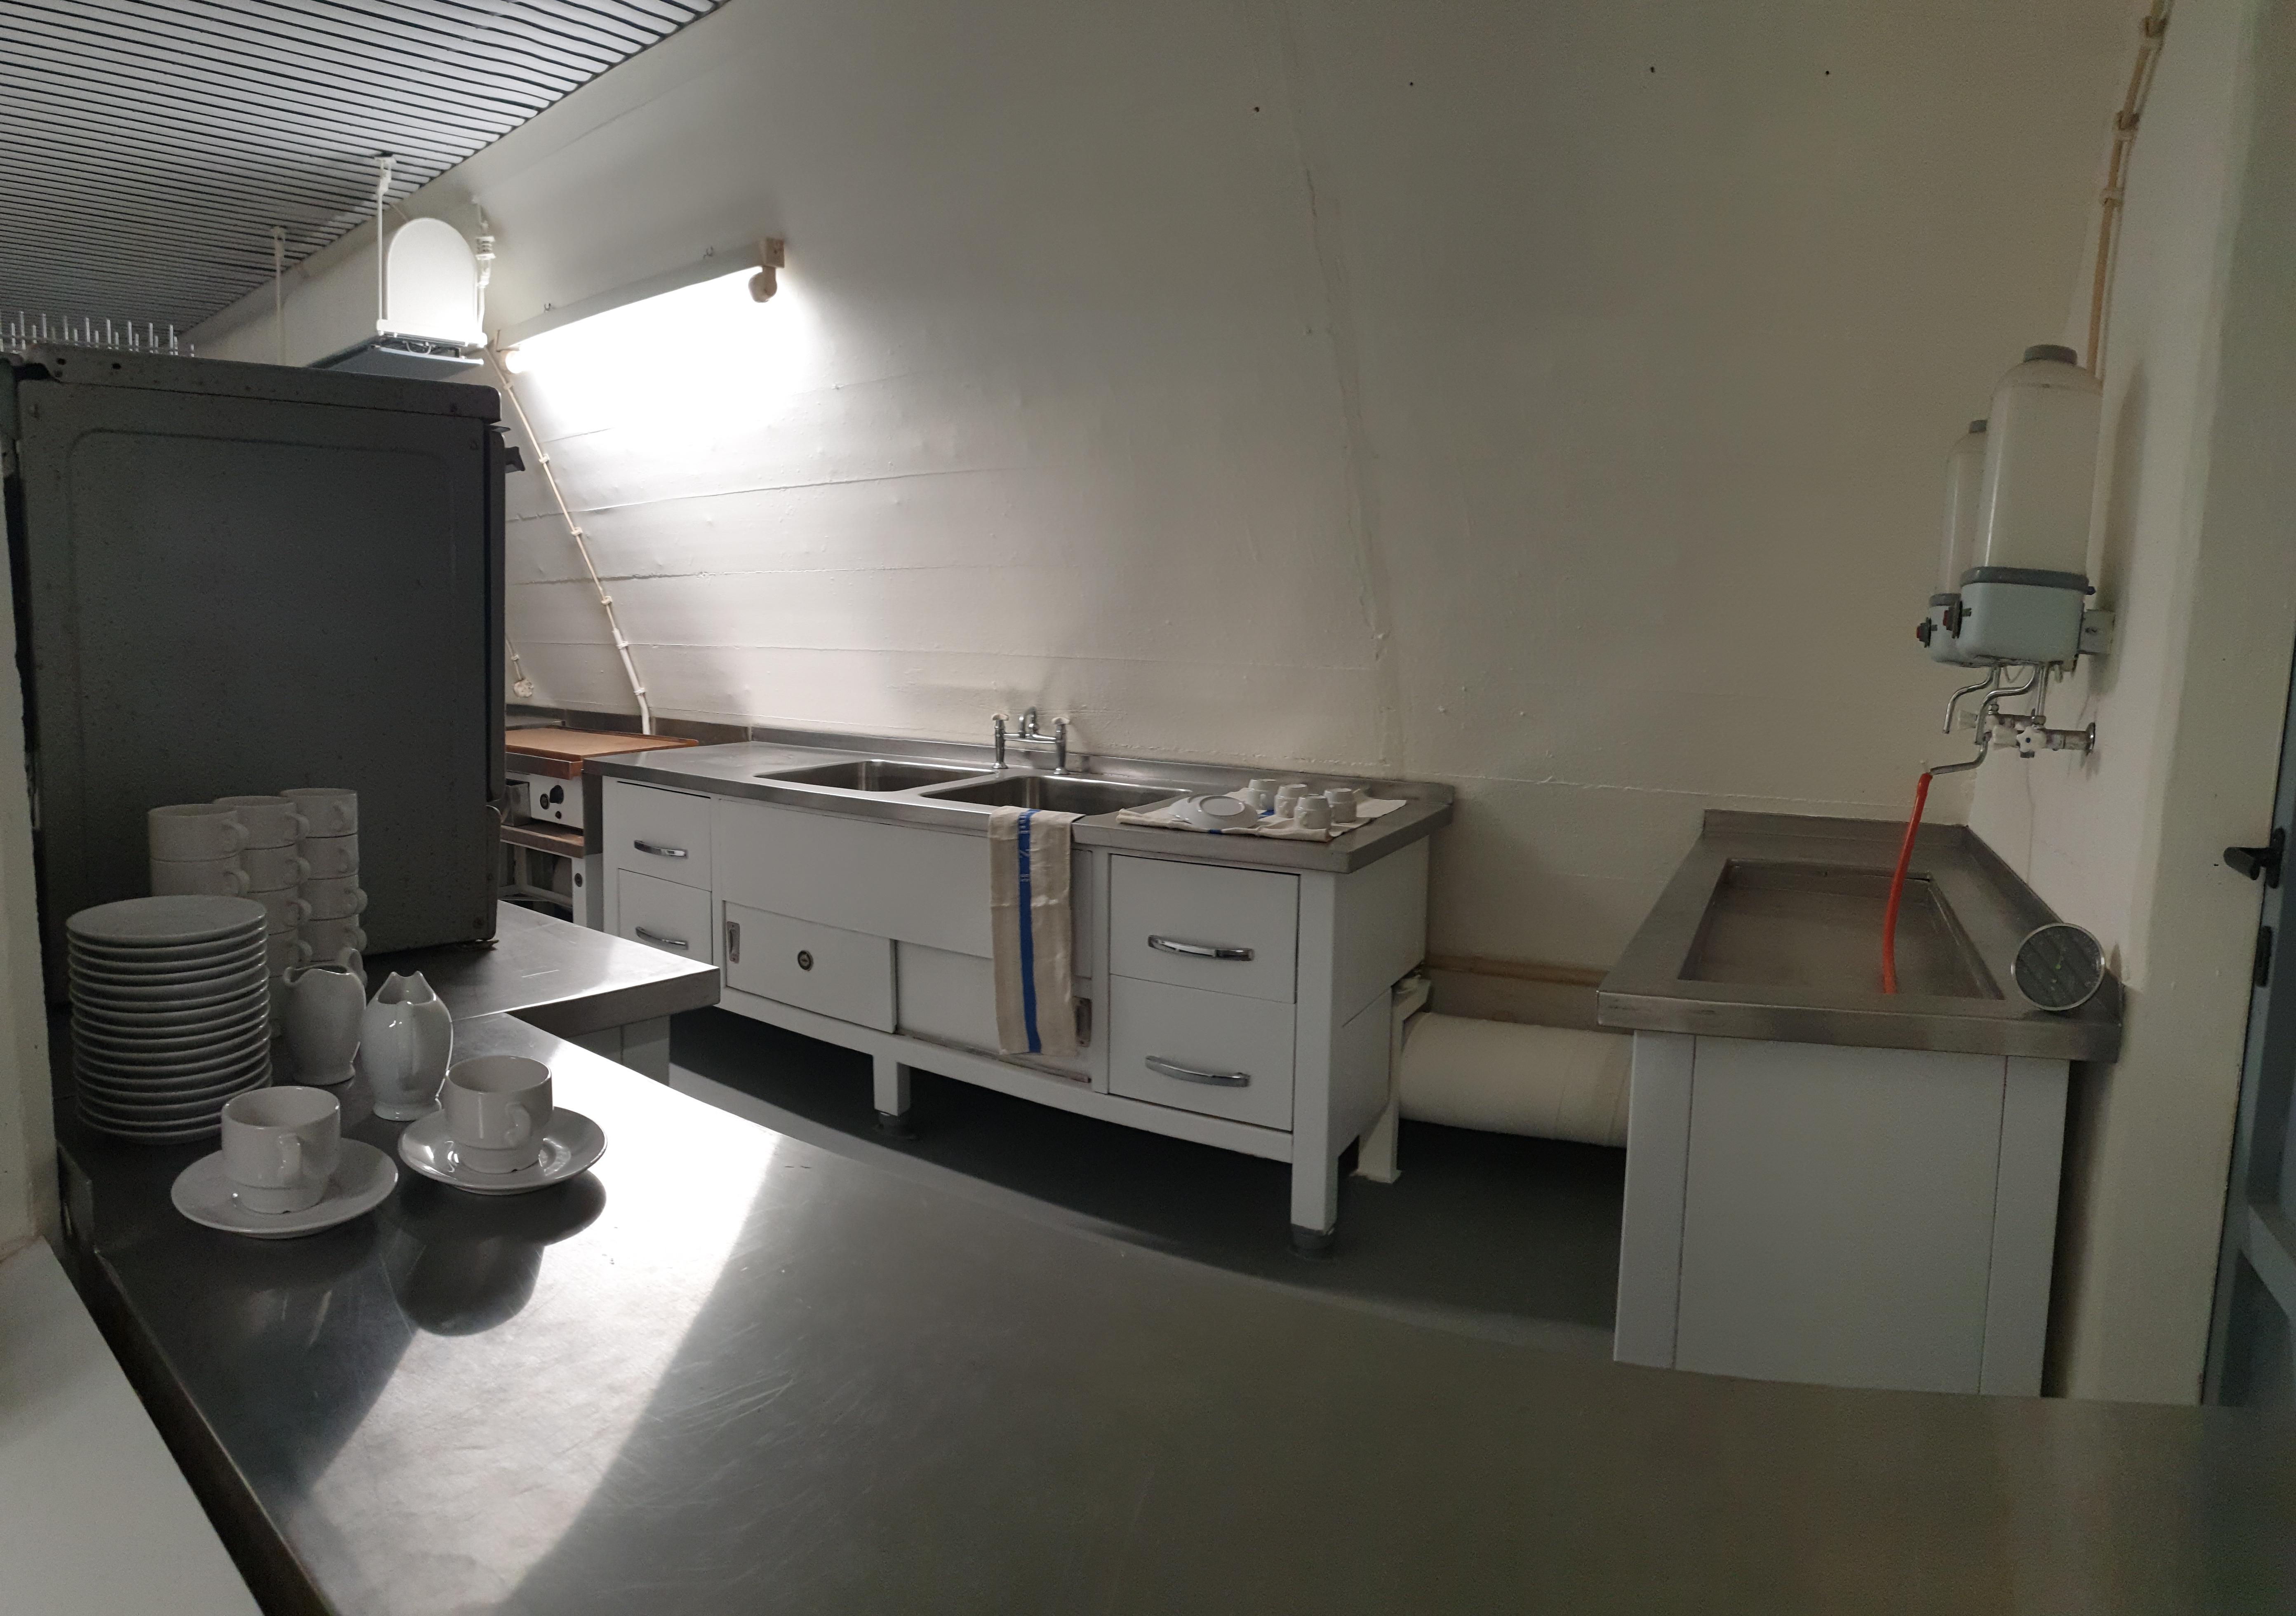 Küche zur Verpflegung von Mitarbeitern und Zivilisten